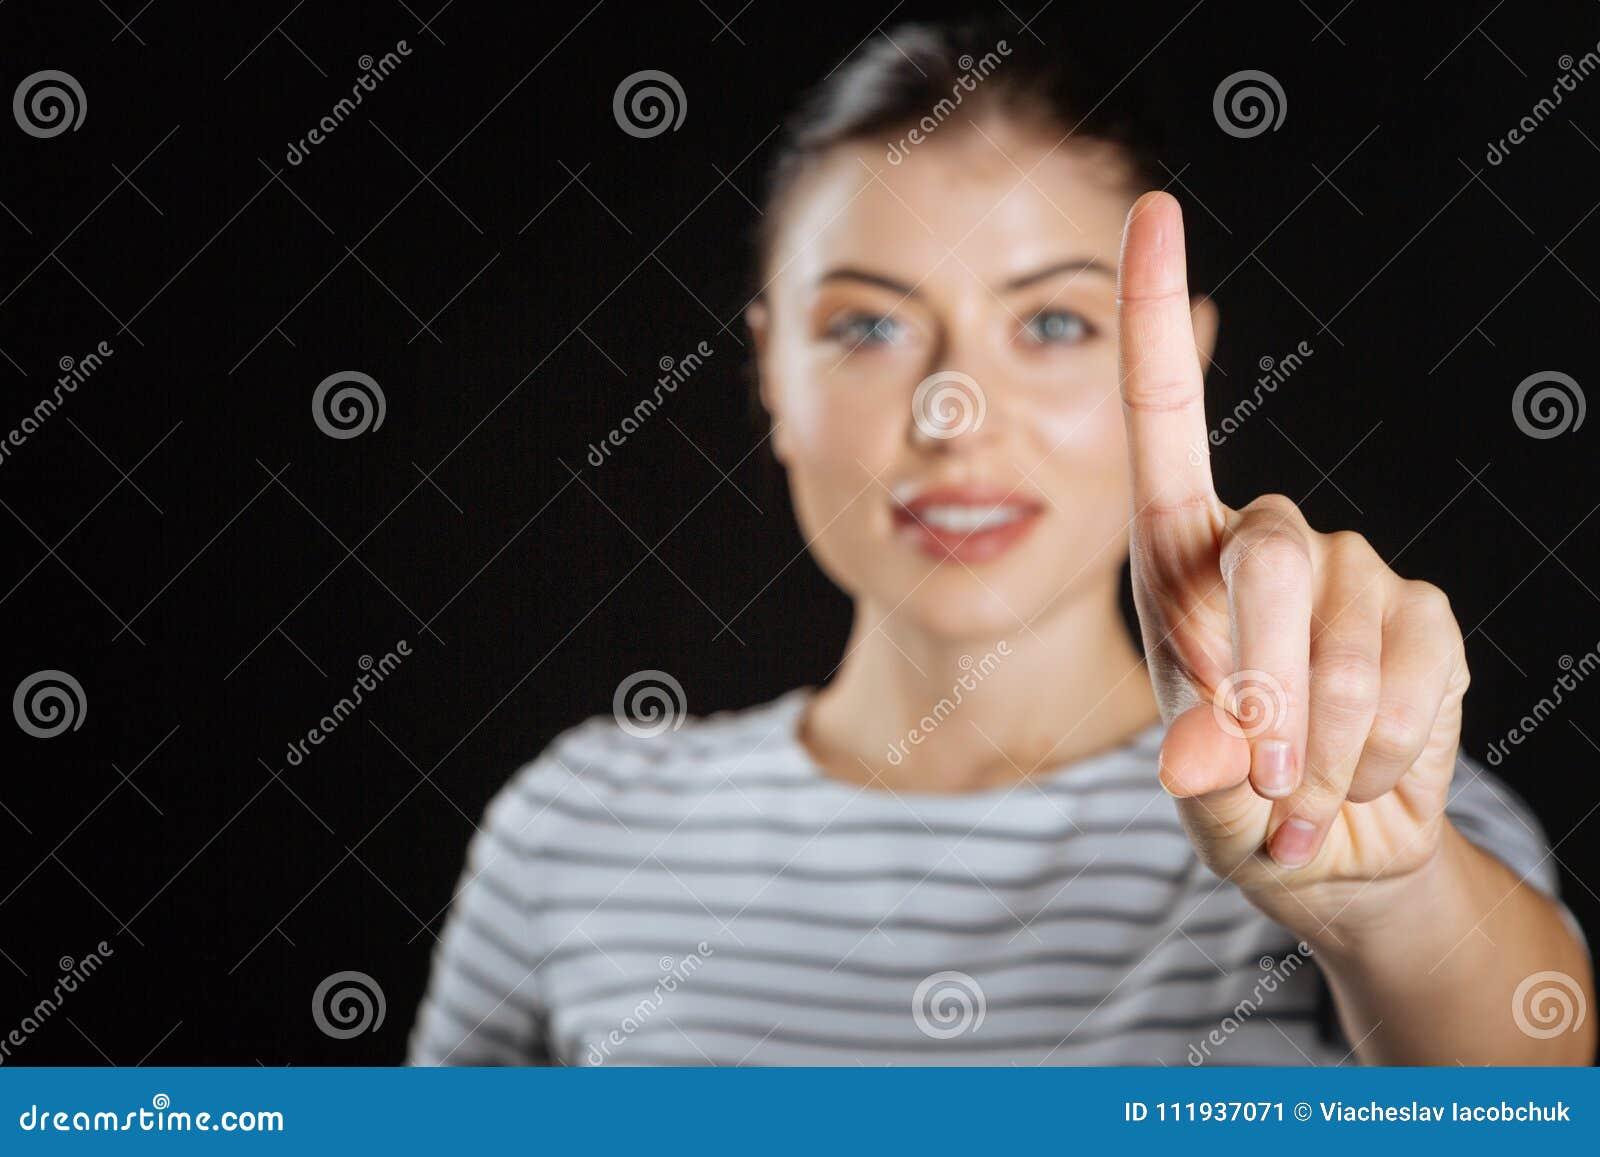 Как сделать приятно пальцем женщине 4